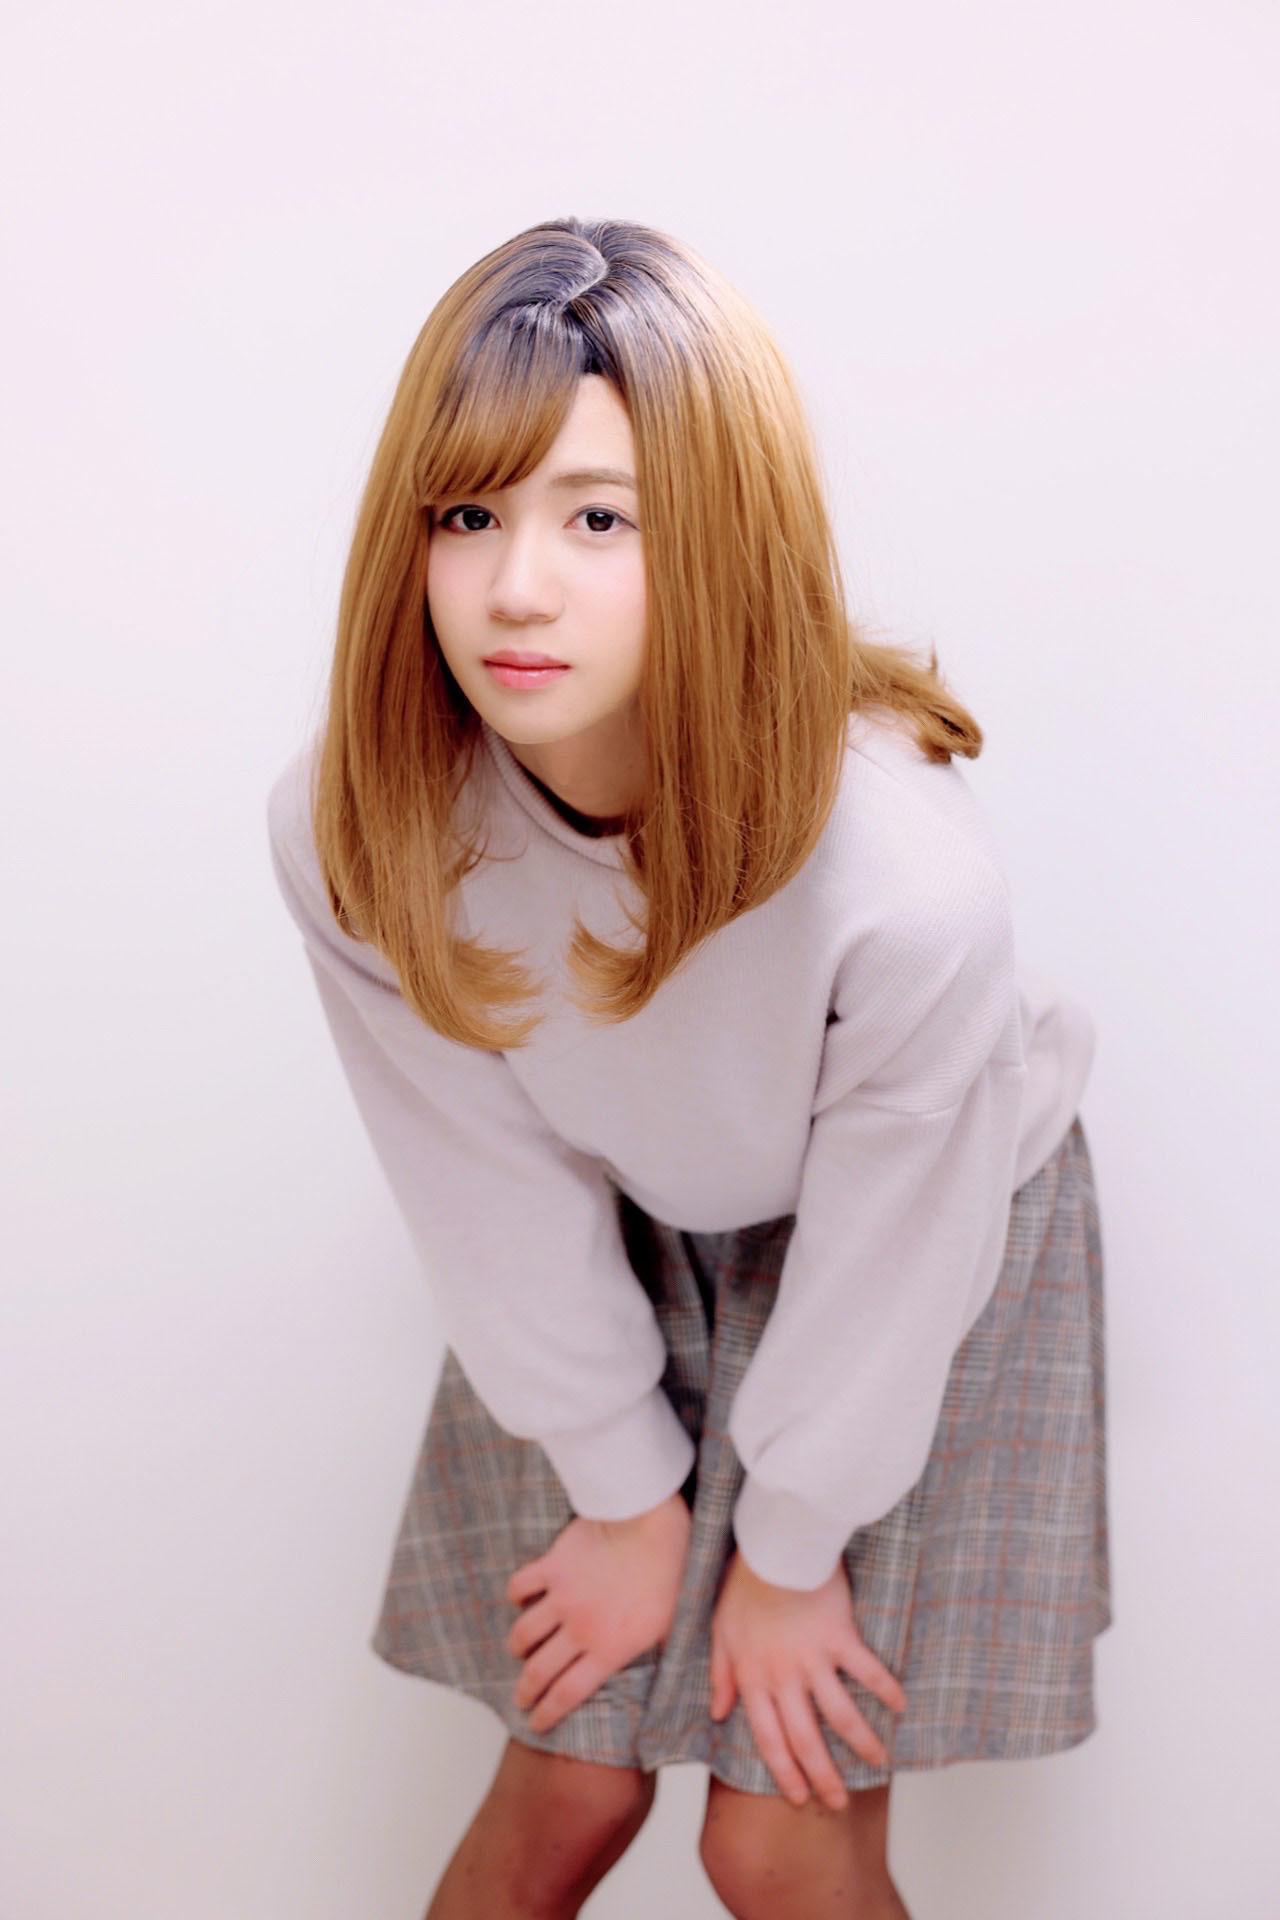 独占デビュー ジャニ系ノンケ初撮り 初女装 mio 画像2